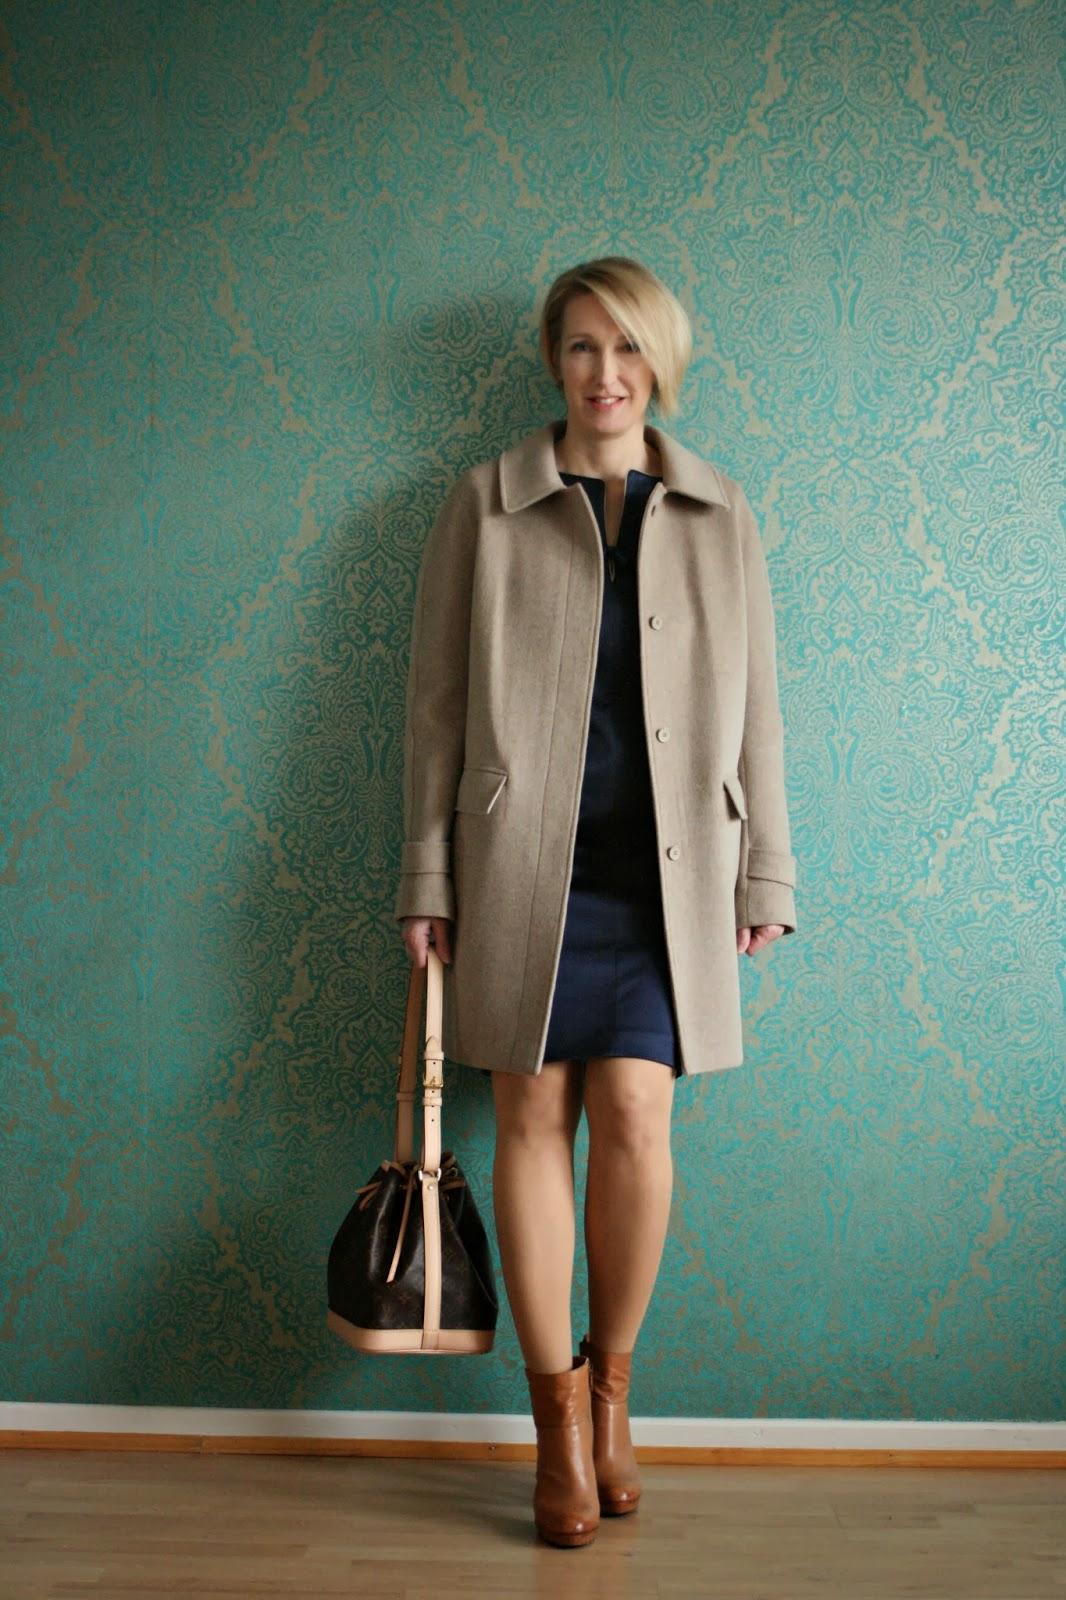 Neuer Mantel im Schrank/Fashion ID